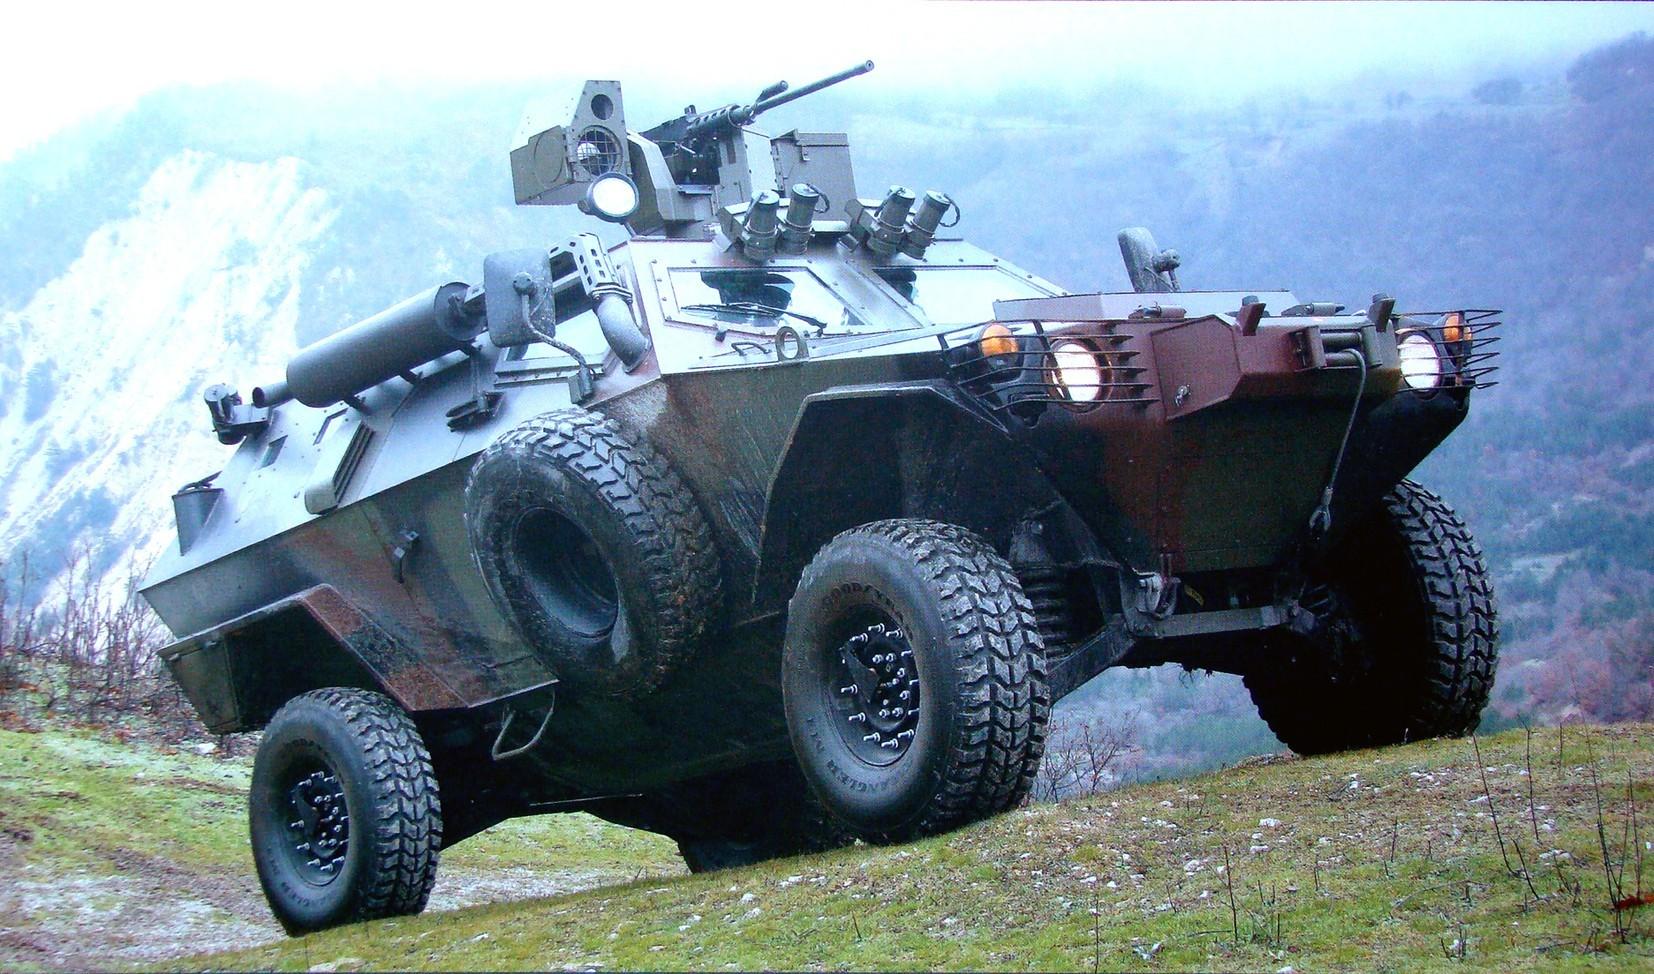 Машина Cobra с дистанционным управлением пулемета и лебедкой